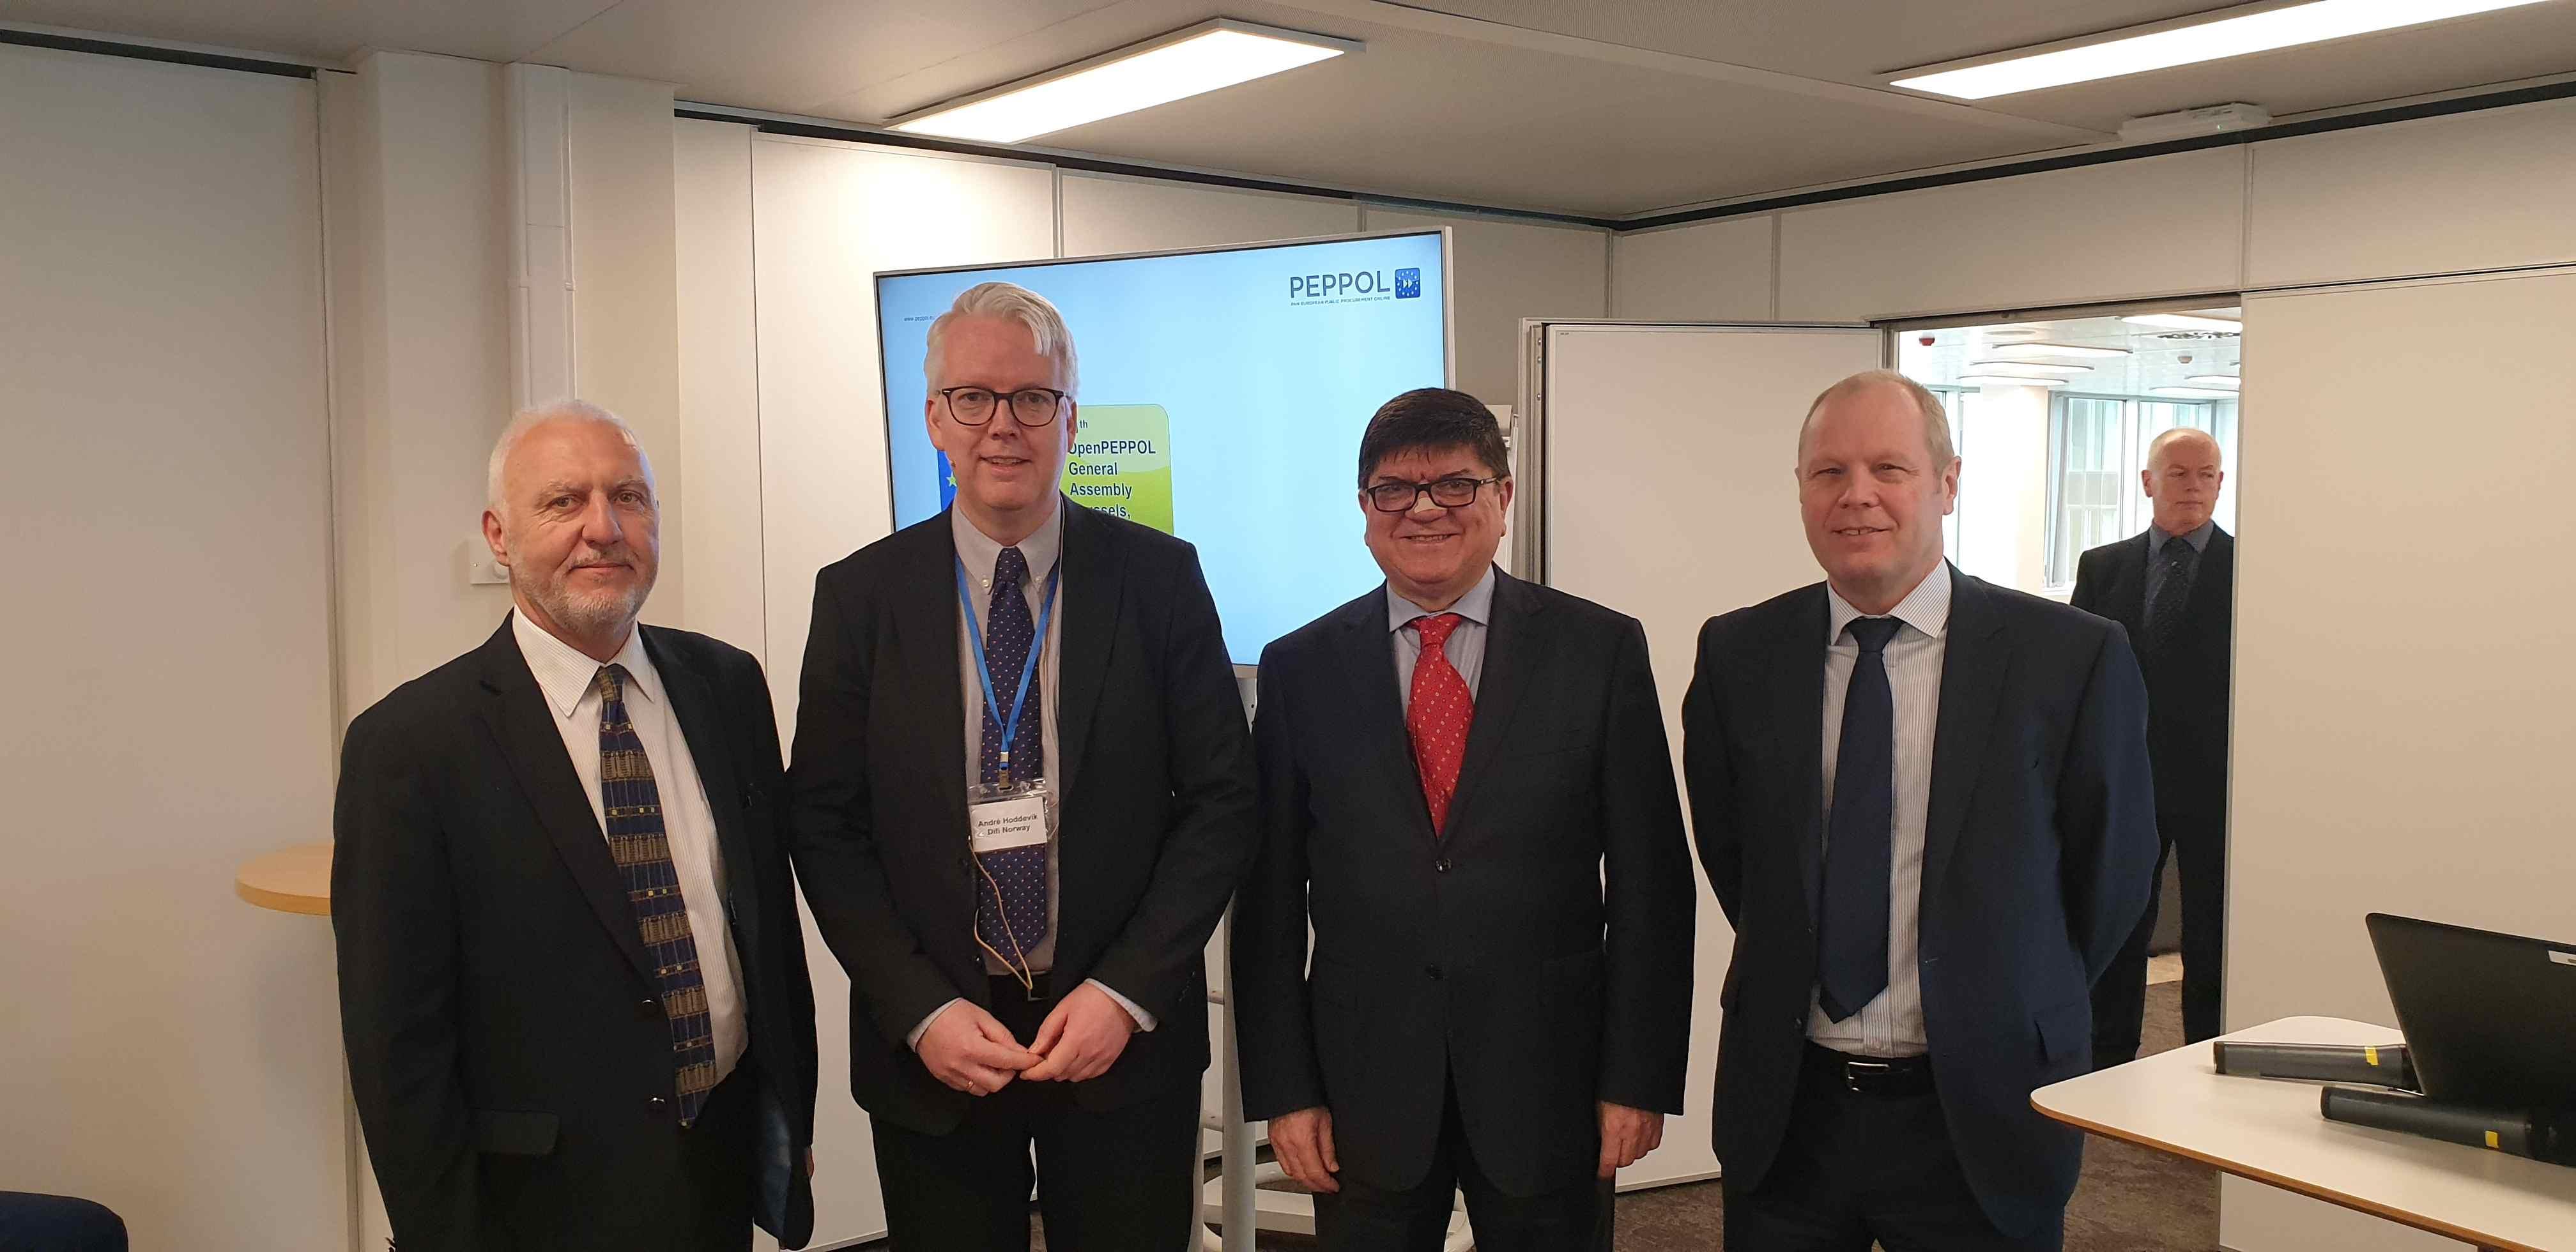 André; Hoddevik, Secretary General OpenPEPPOL and Steve Graham, GS1 UK Health department.